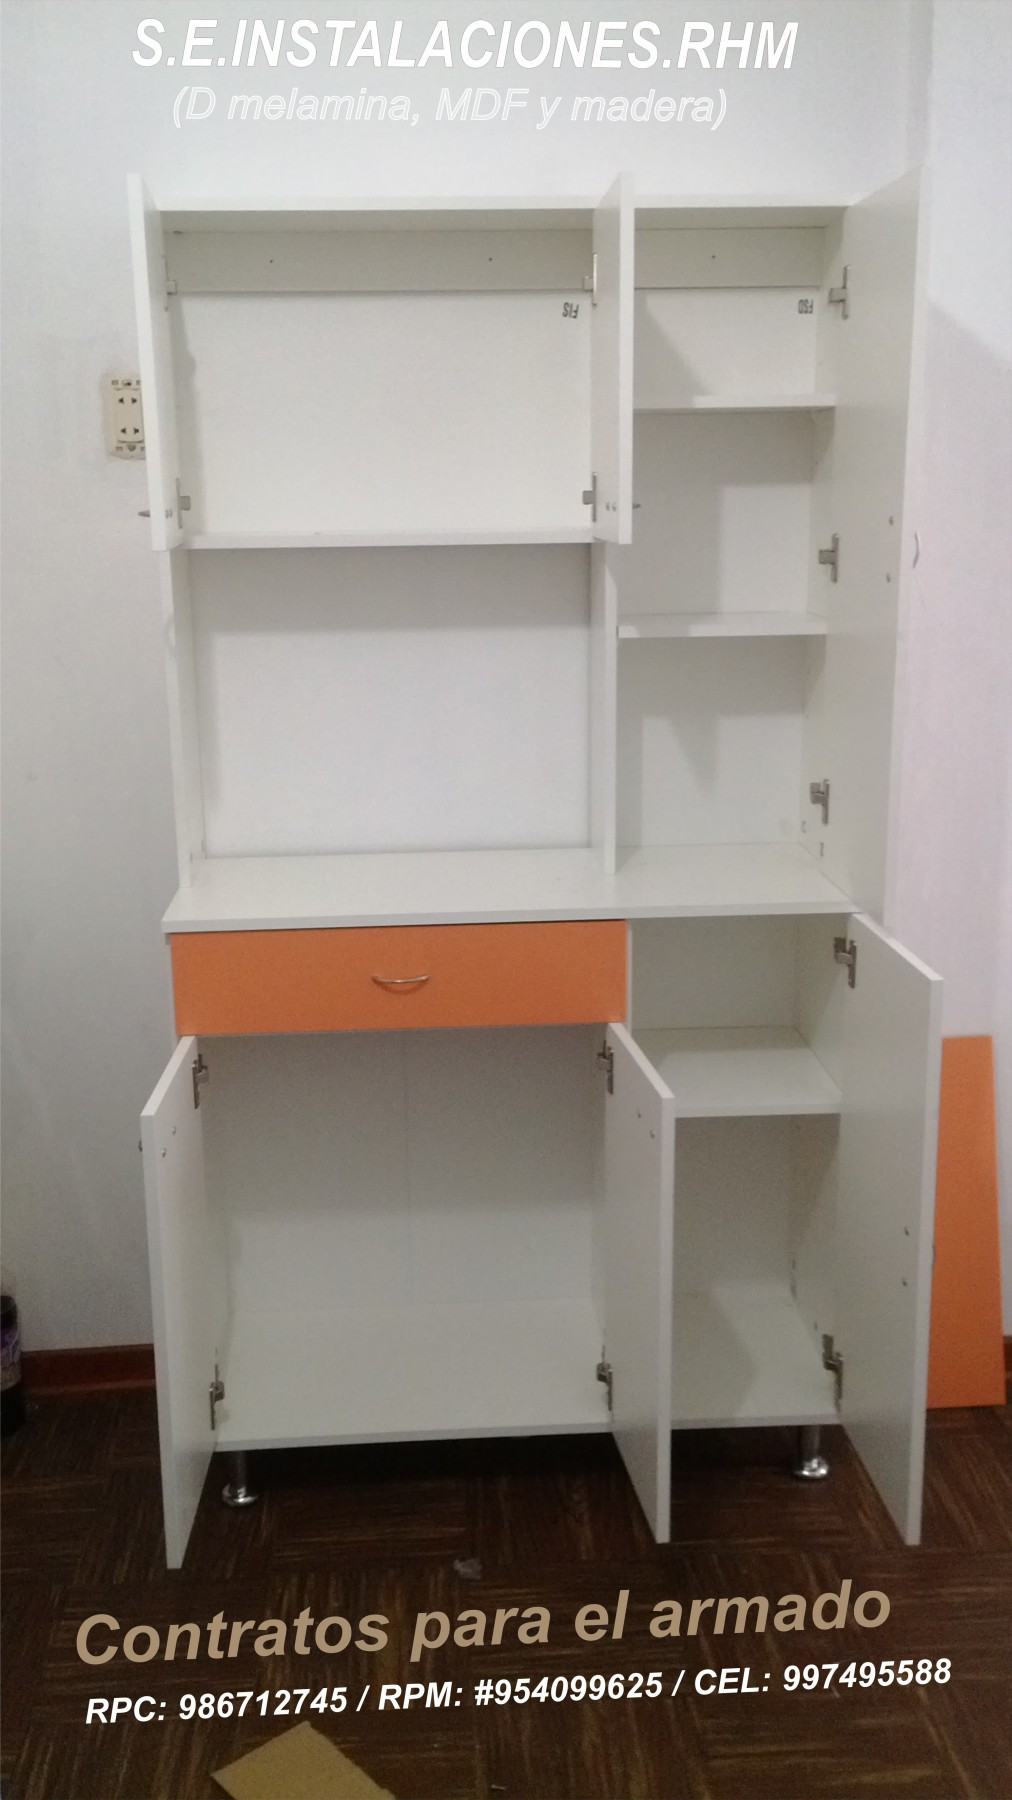 Armado de armarios de sodimac for Armado de muebles de cocina